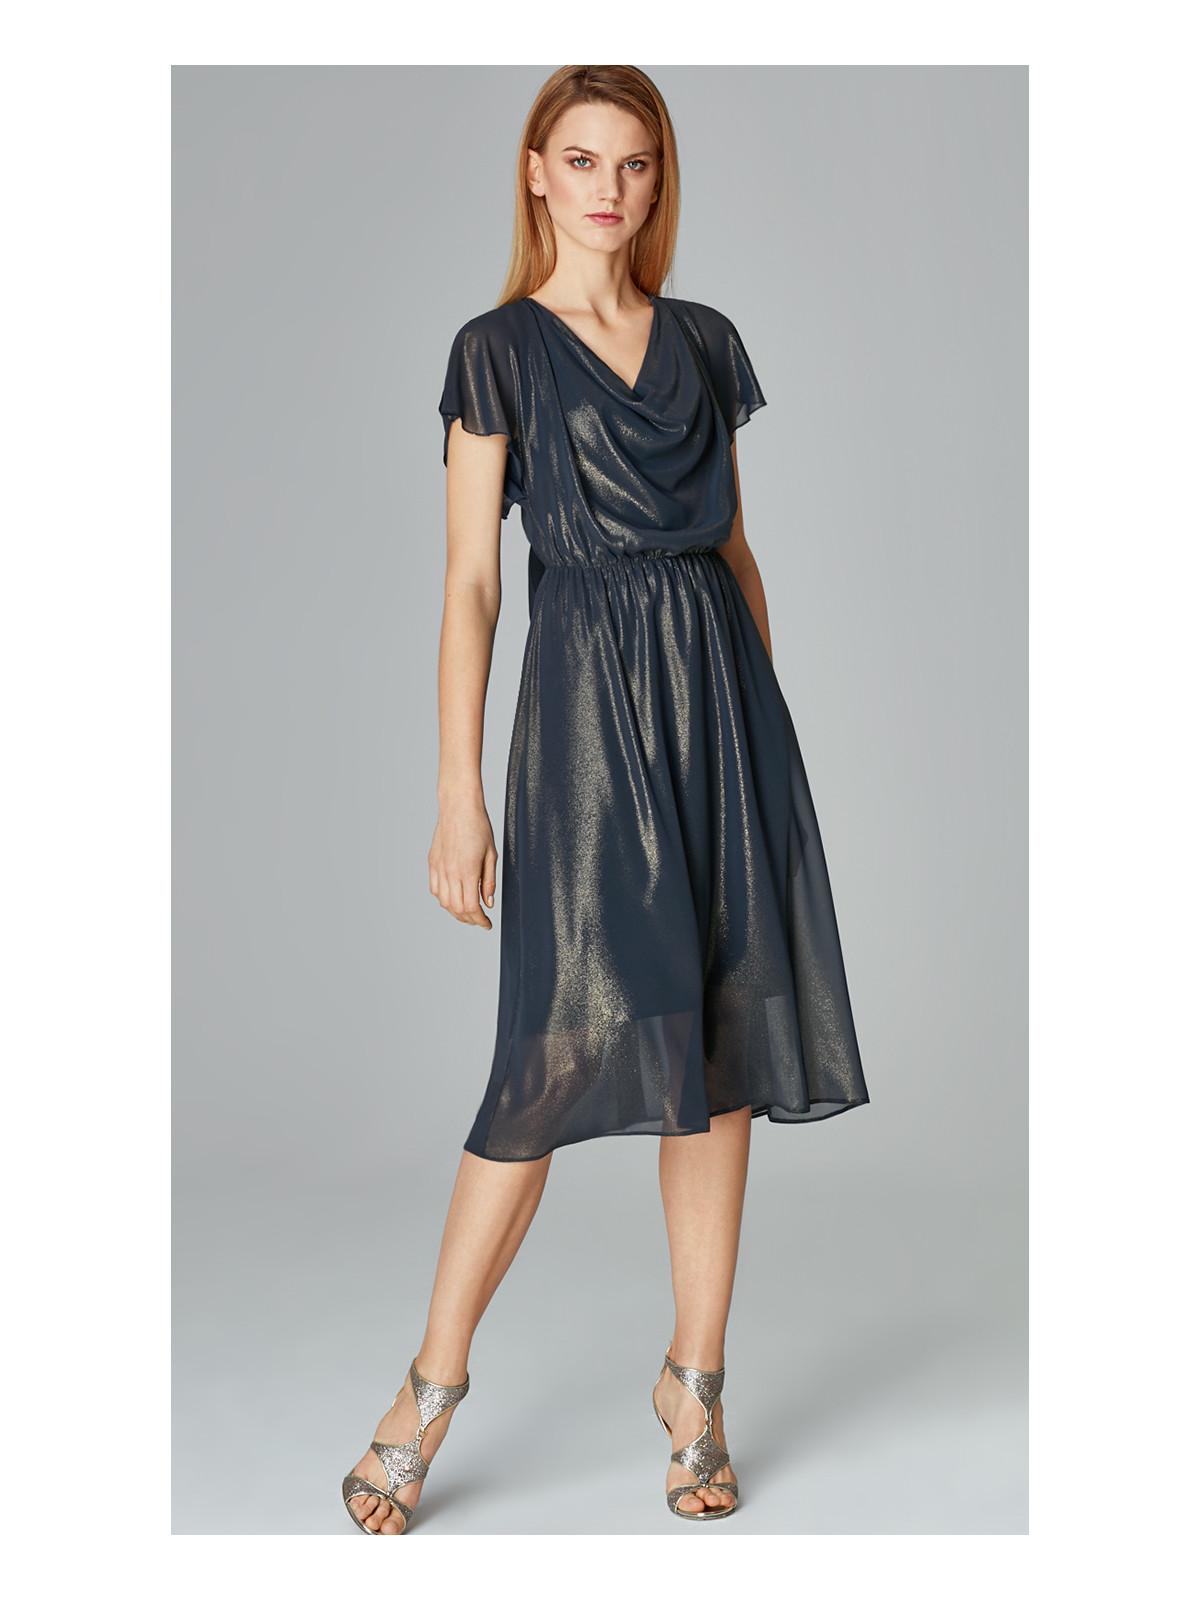 371f492f73 TARANKO sukienka roz 38 M - 7106320774 - oficjalne archiwum allegro